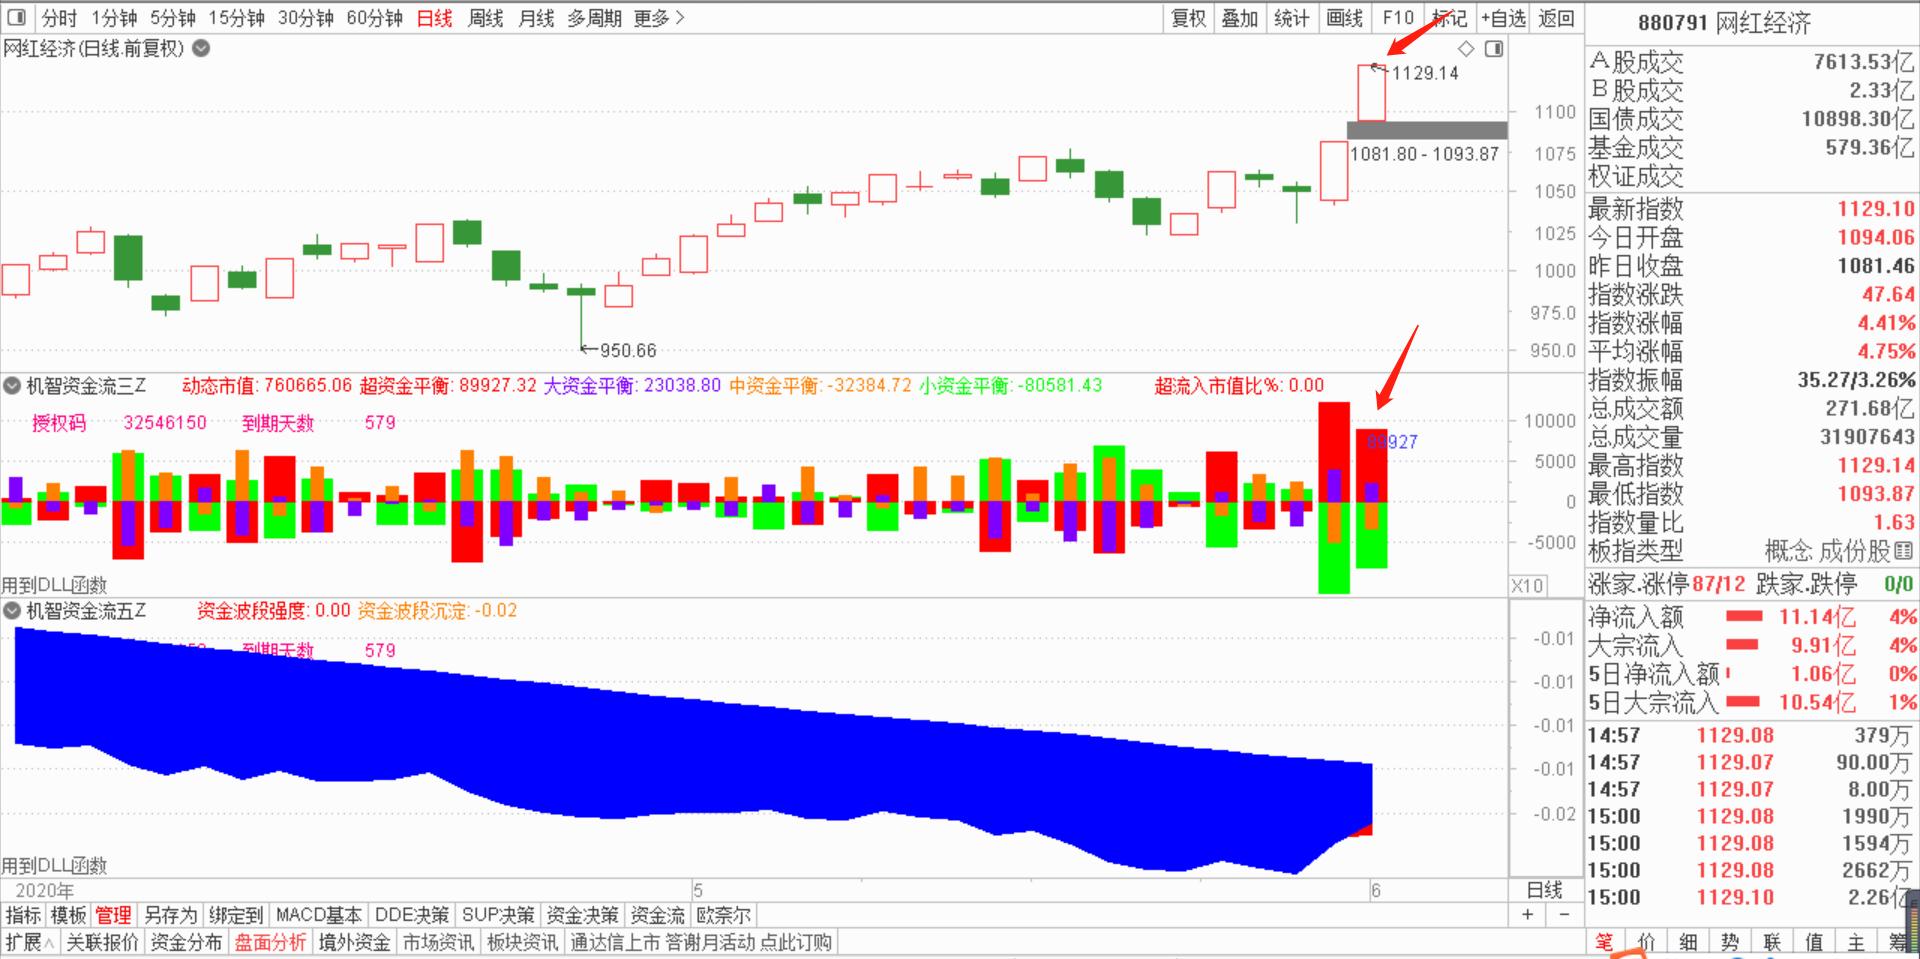 6月2号机智资金流:指数暴涨后的本质逻辑?